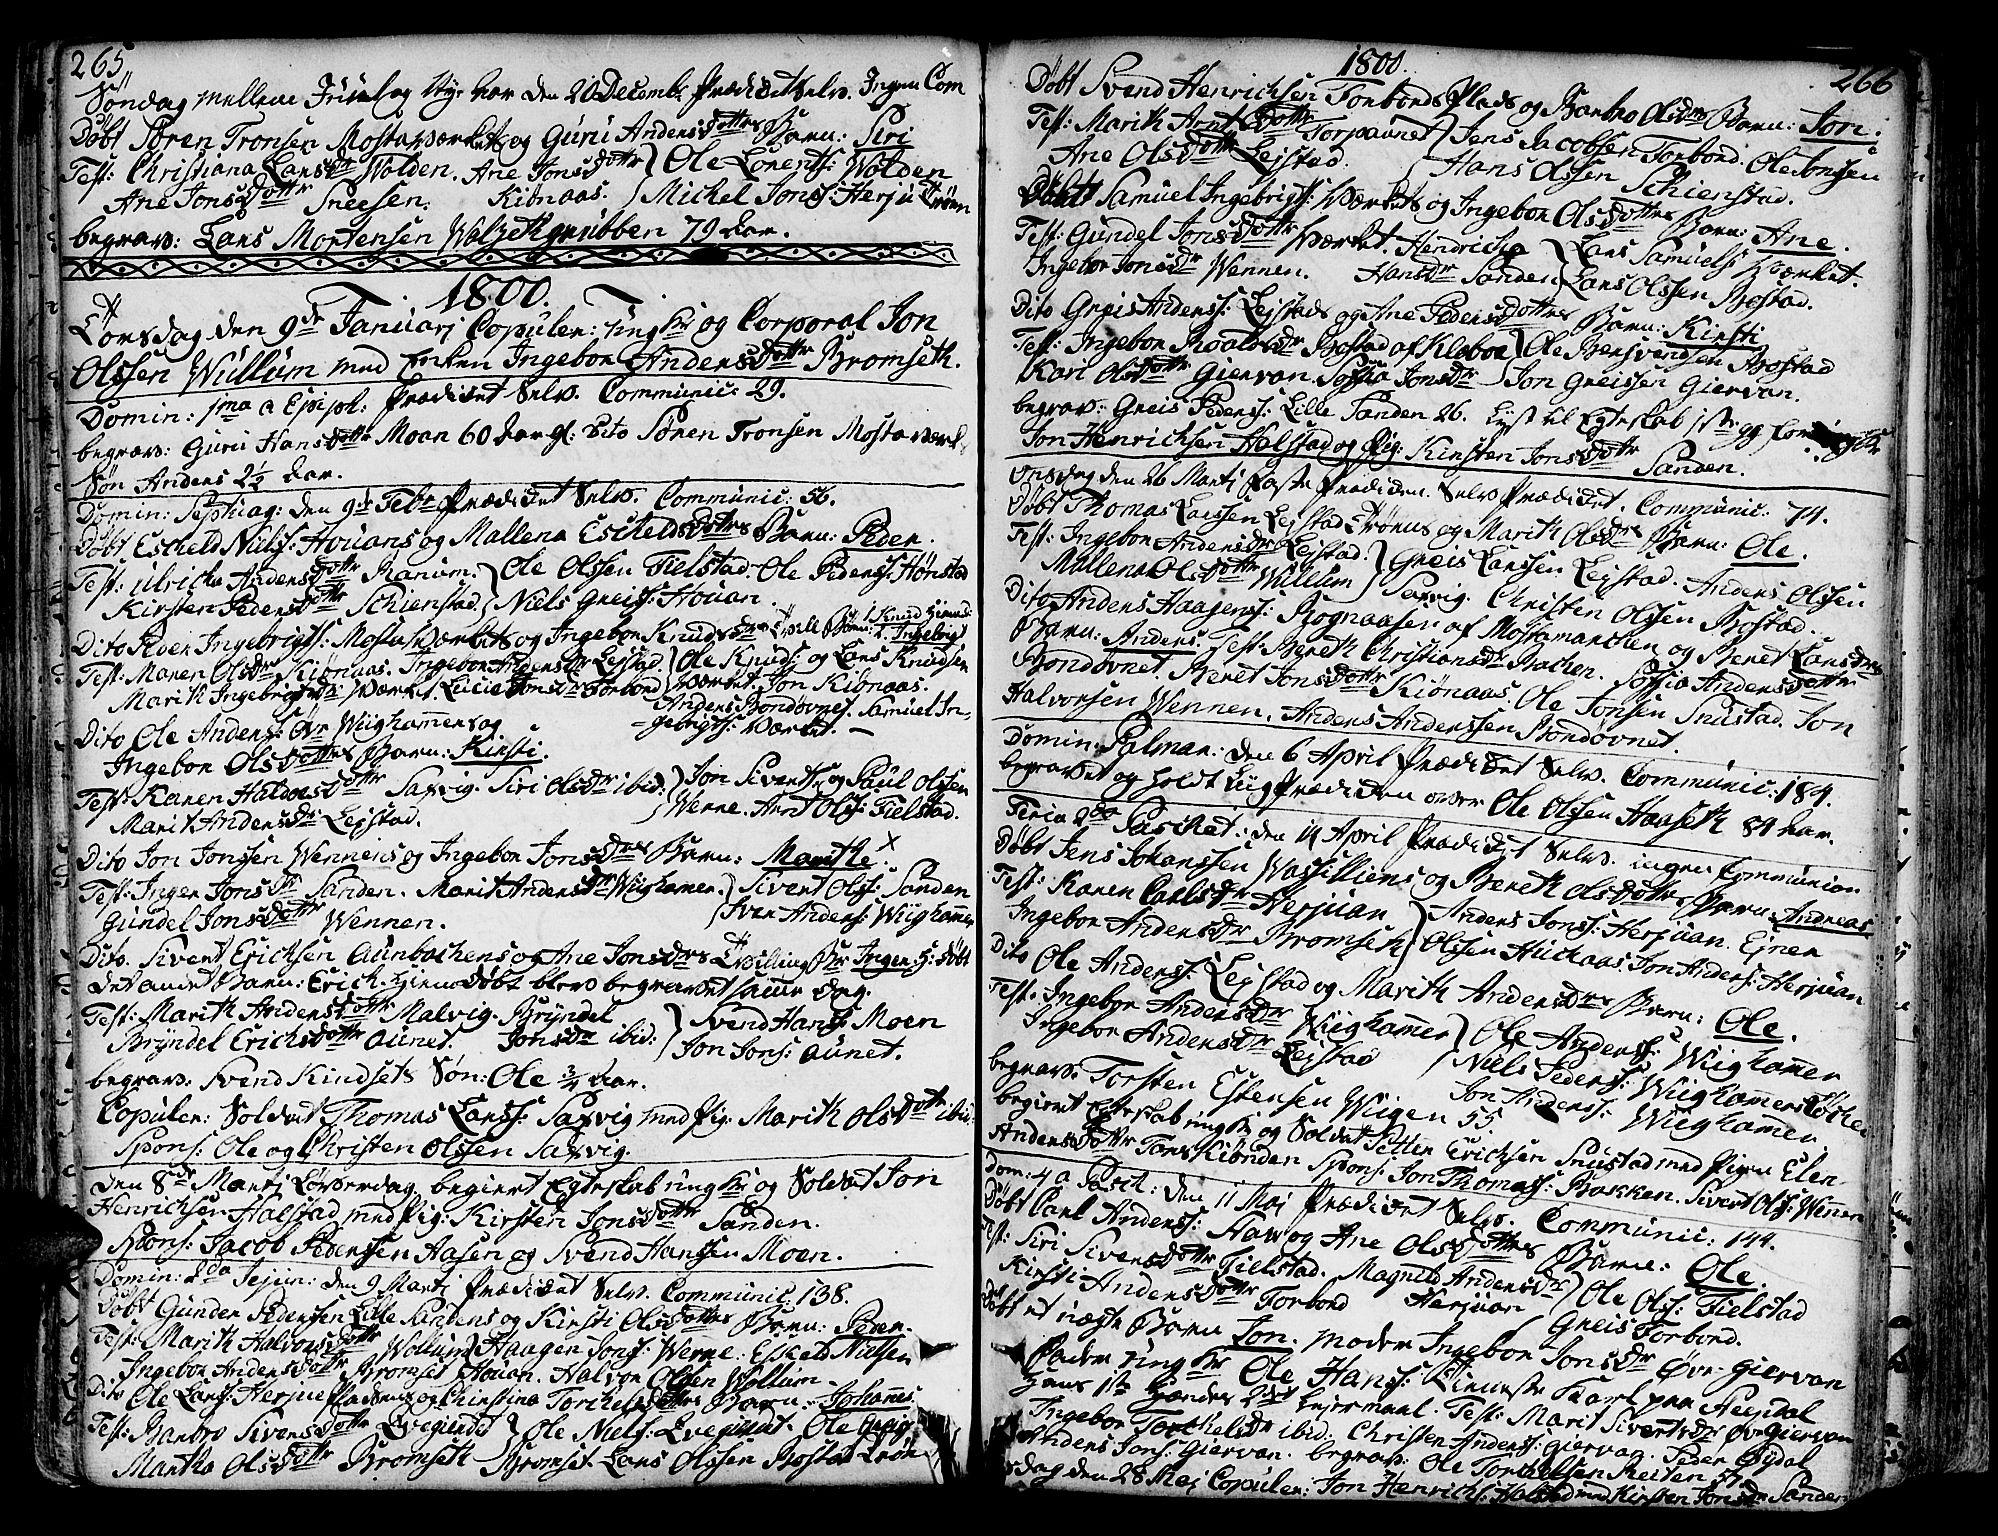 SAT, Ministerialprotokoller, klokkerbøker og fødselsregistre - Sør-Trøndelag, 606/L0281: Ministerialbok nr. 606A02 /2, 1781-1817, s. 265-266